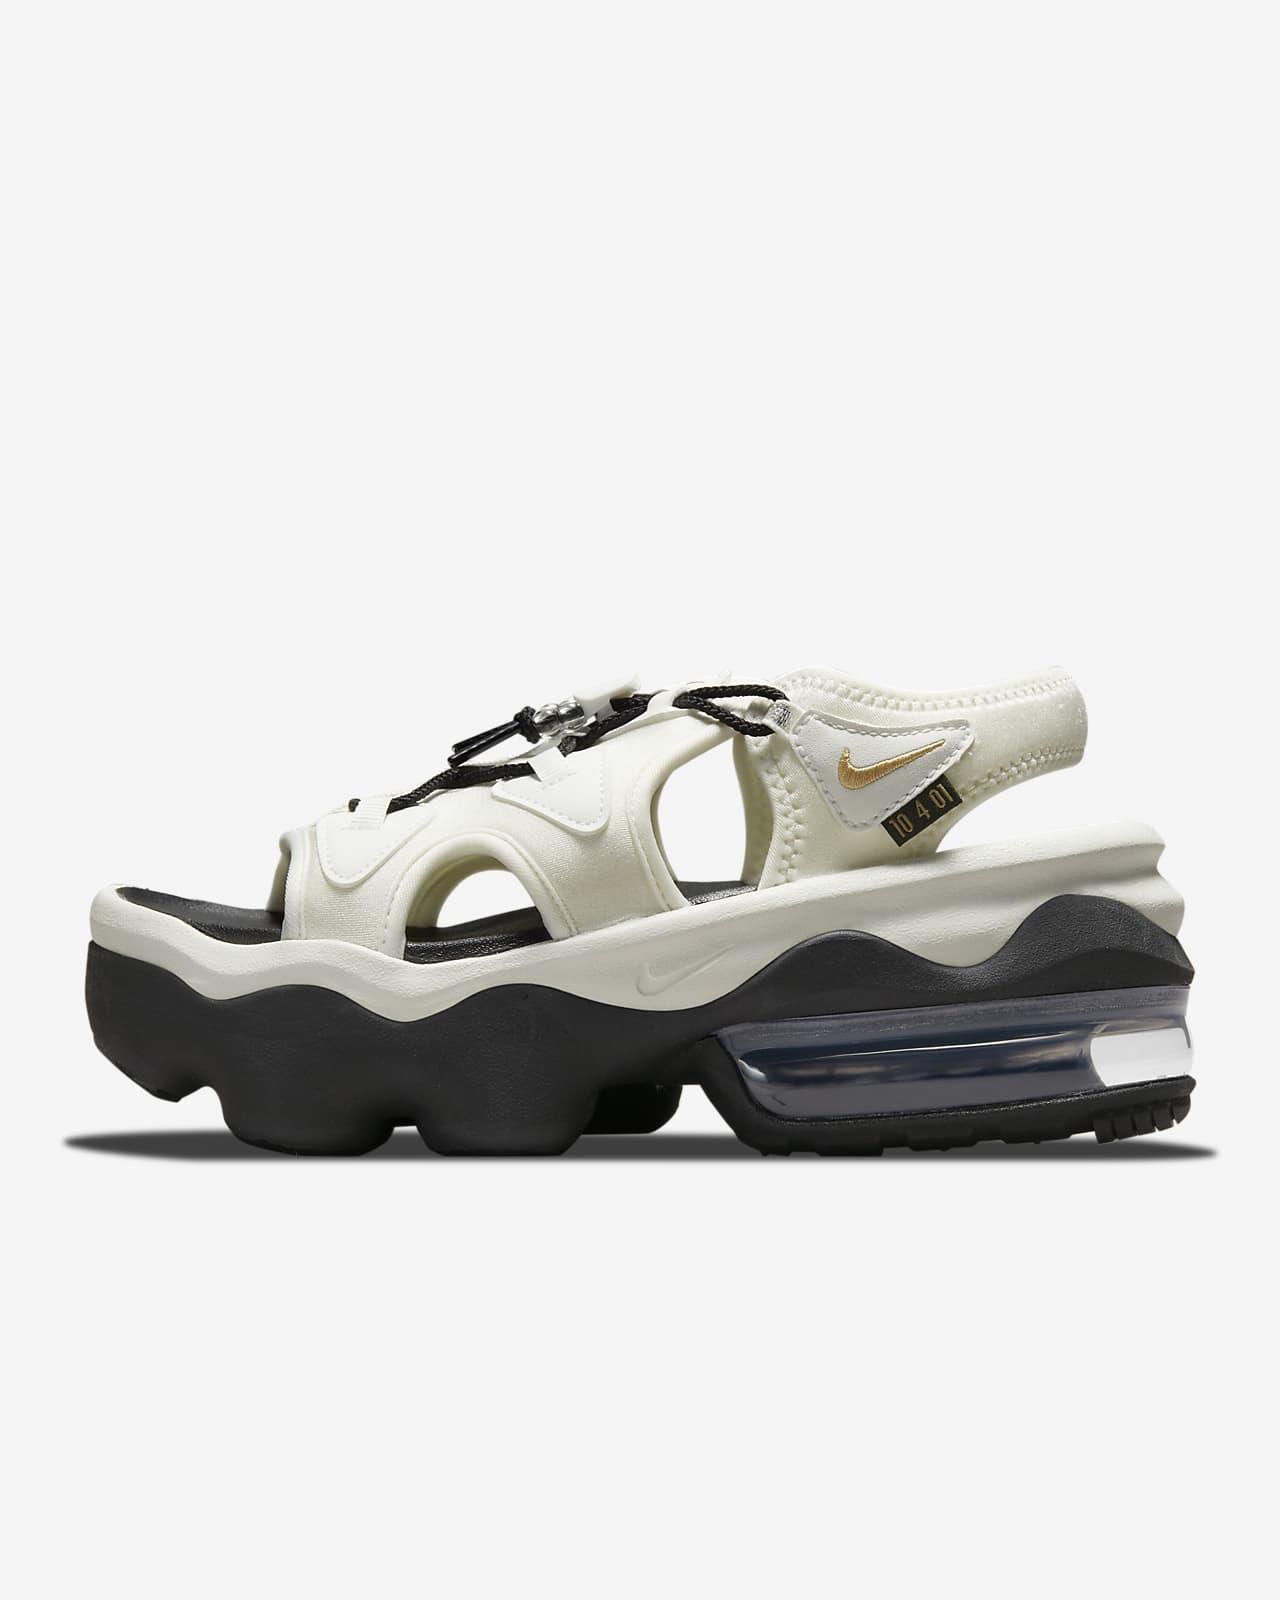 Nike Air Max Koko Serena Williams Design Crew Women's Sandals